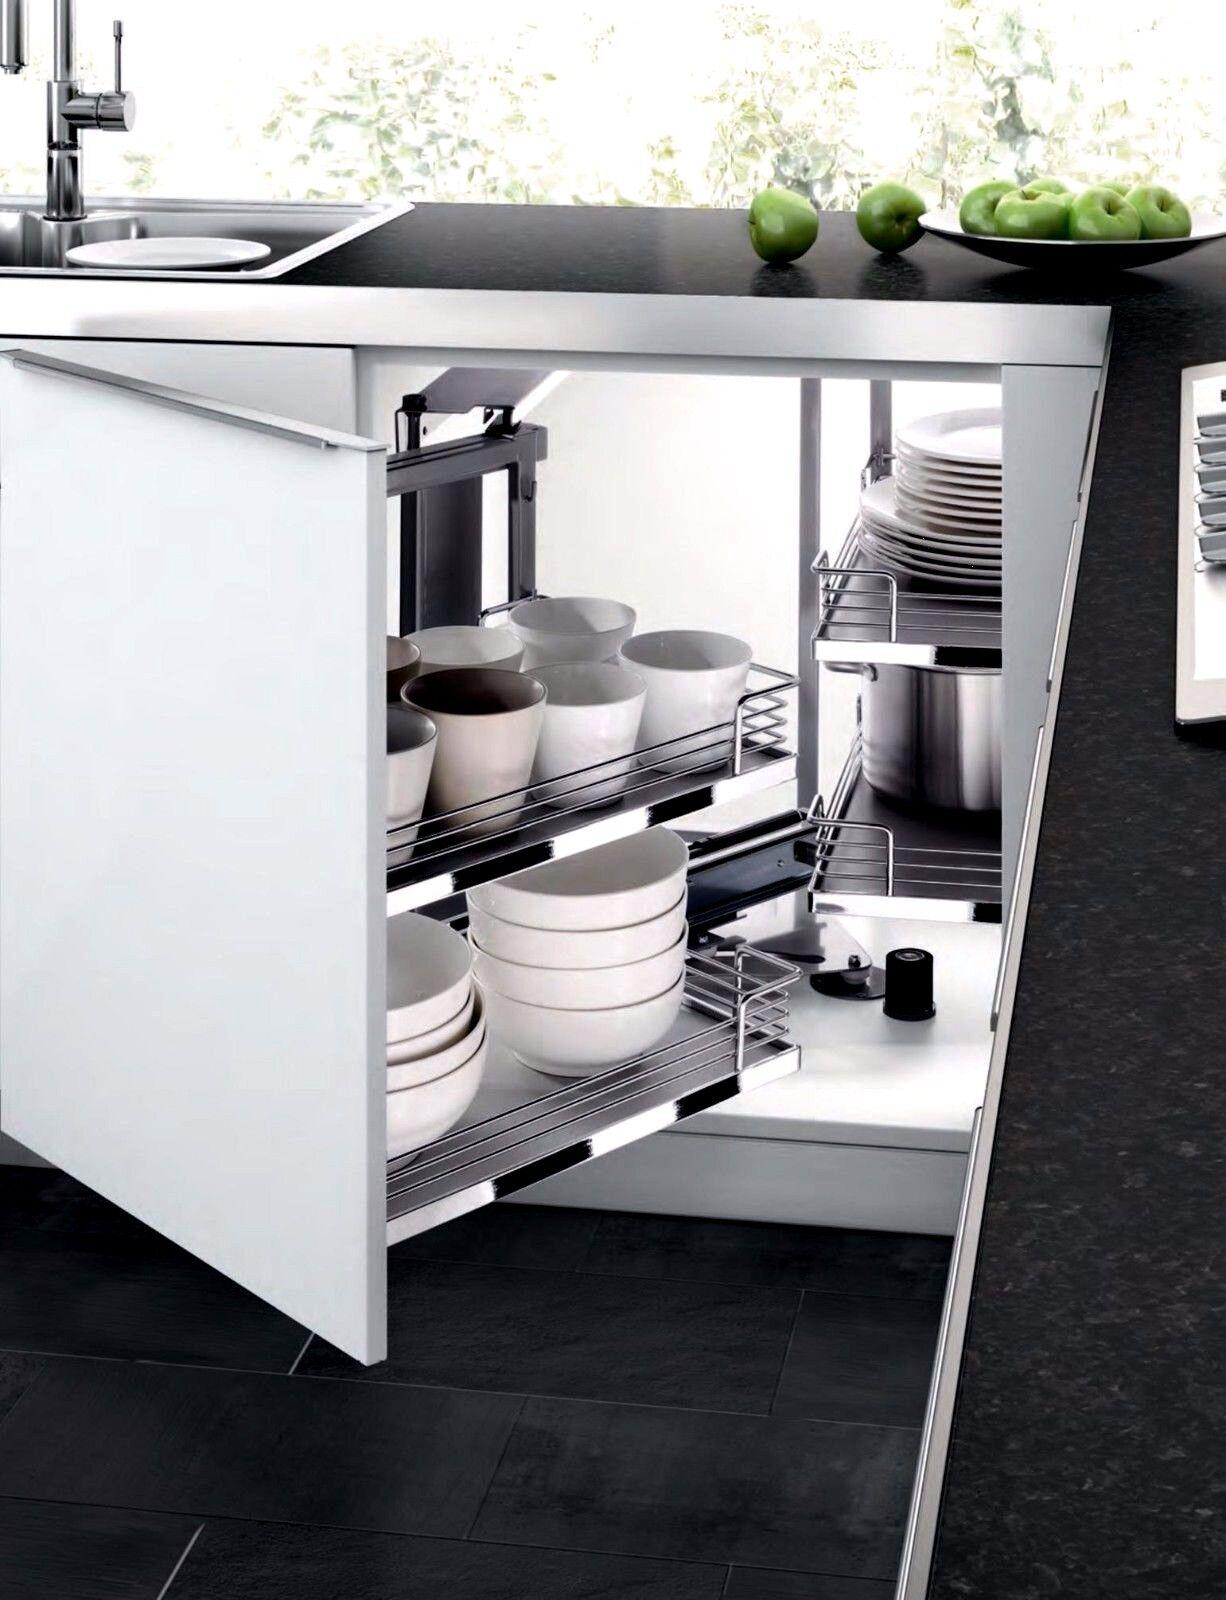 Kitchen Cabinet Blind Corner Pull Out Shelves Sliding Door Corner Organizer